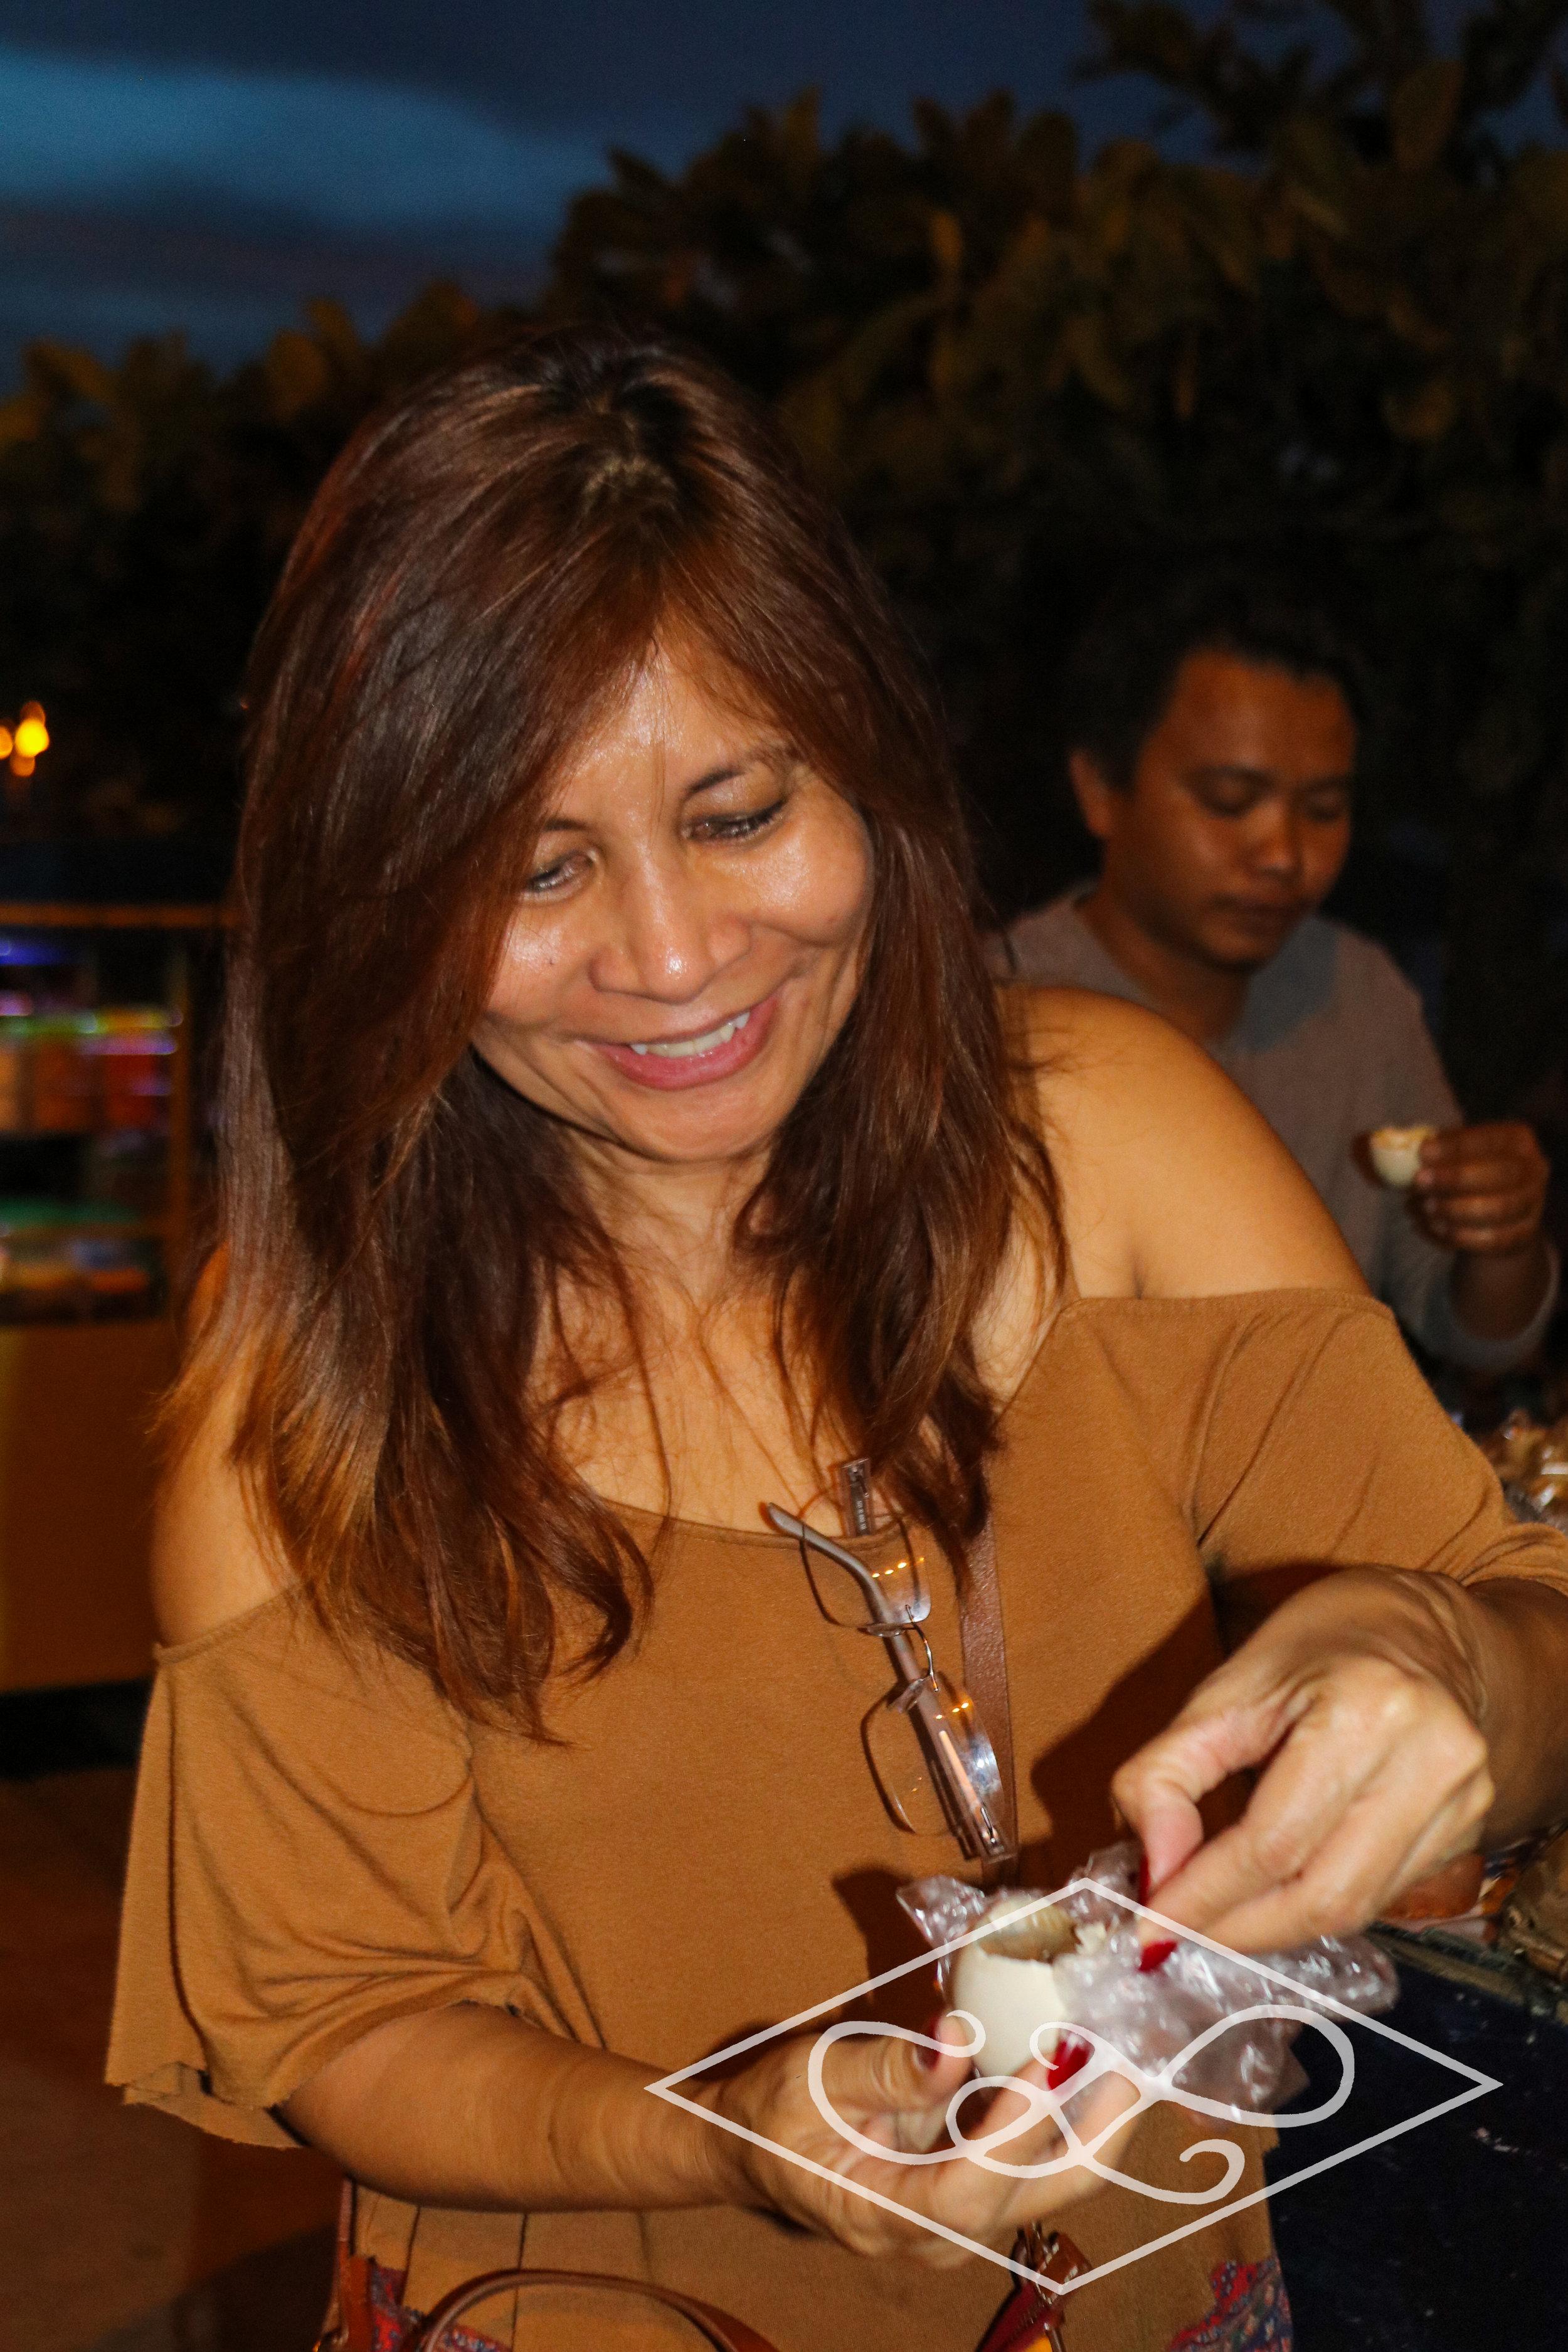 Dina having Balut